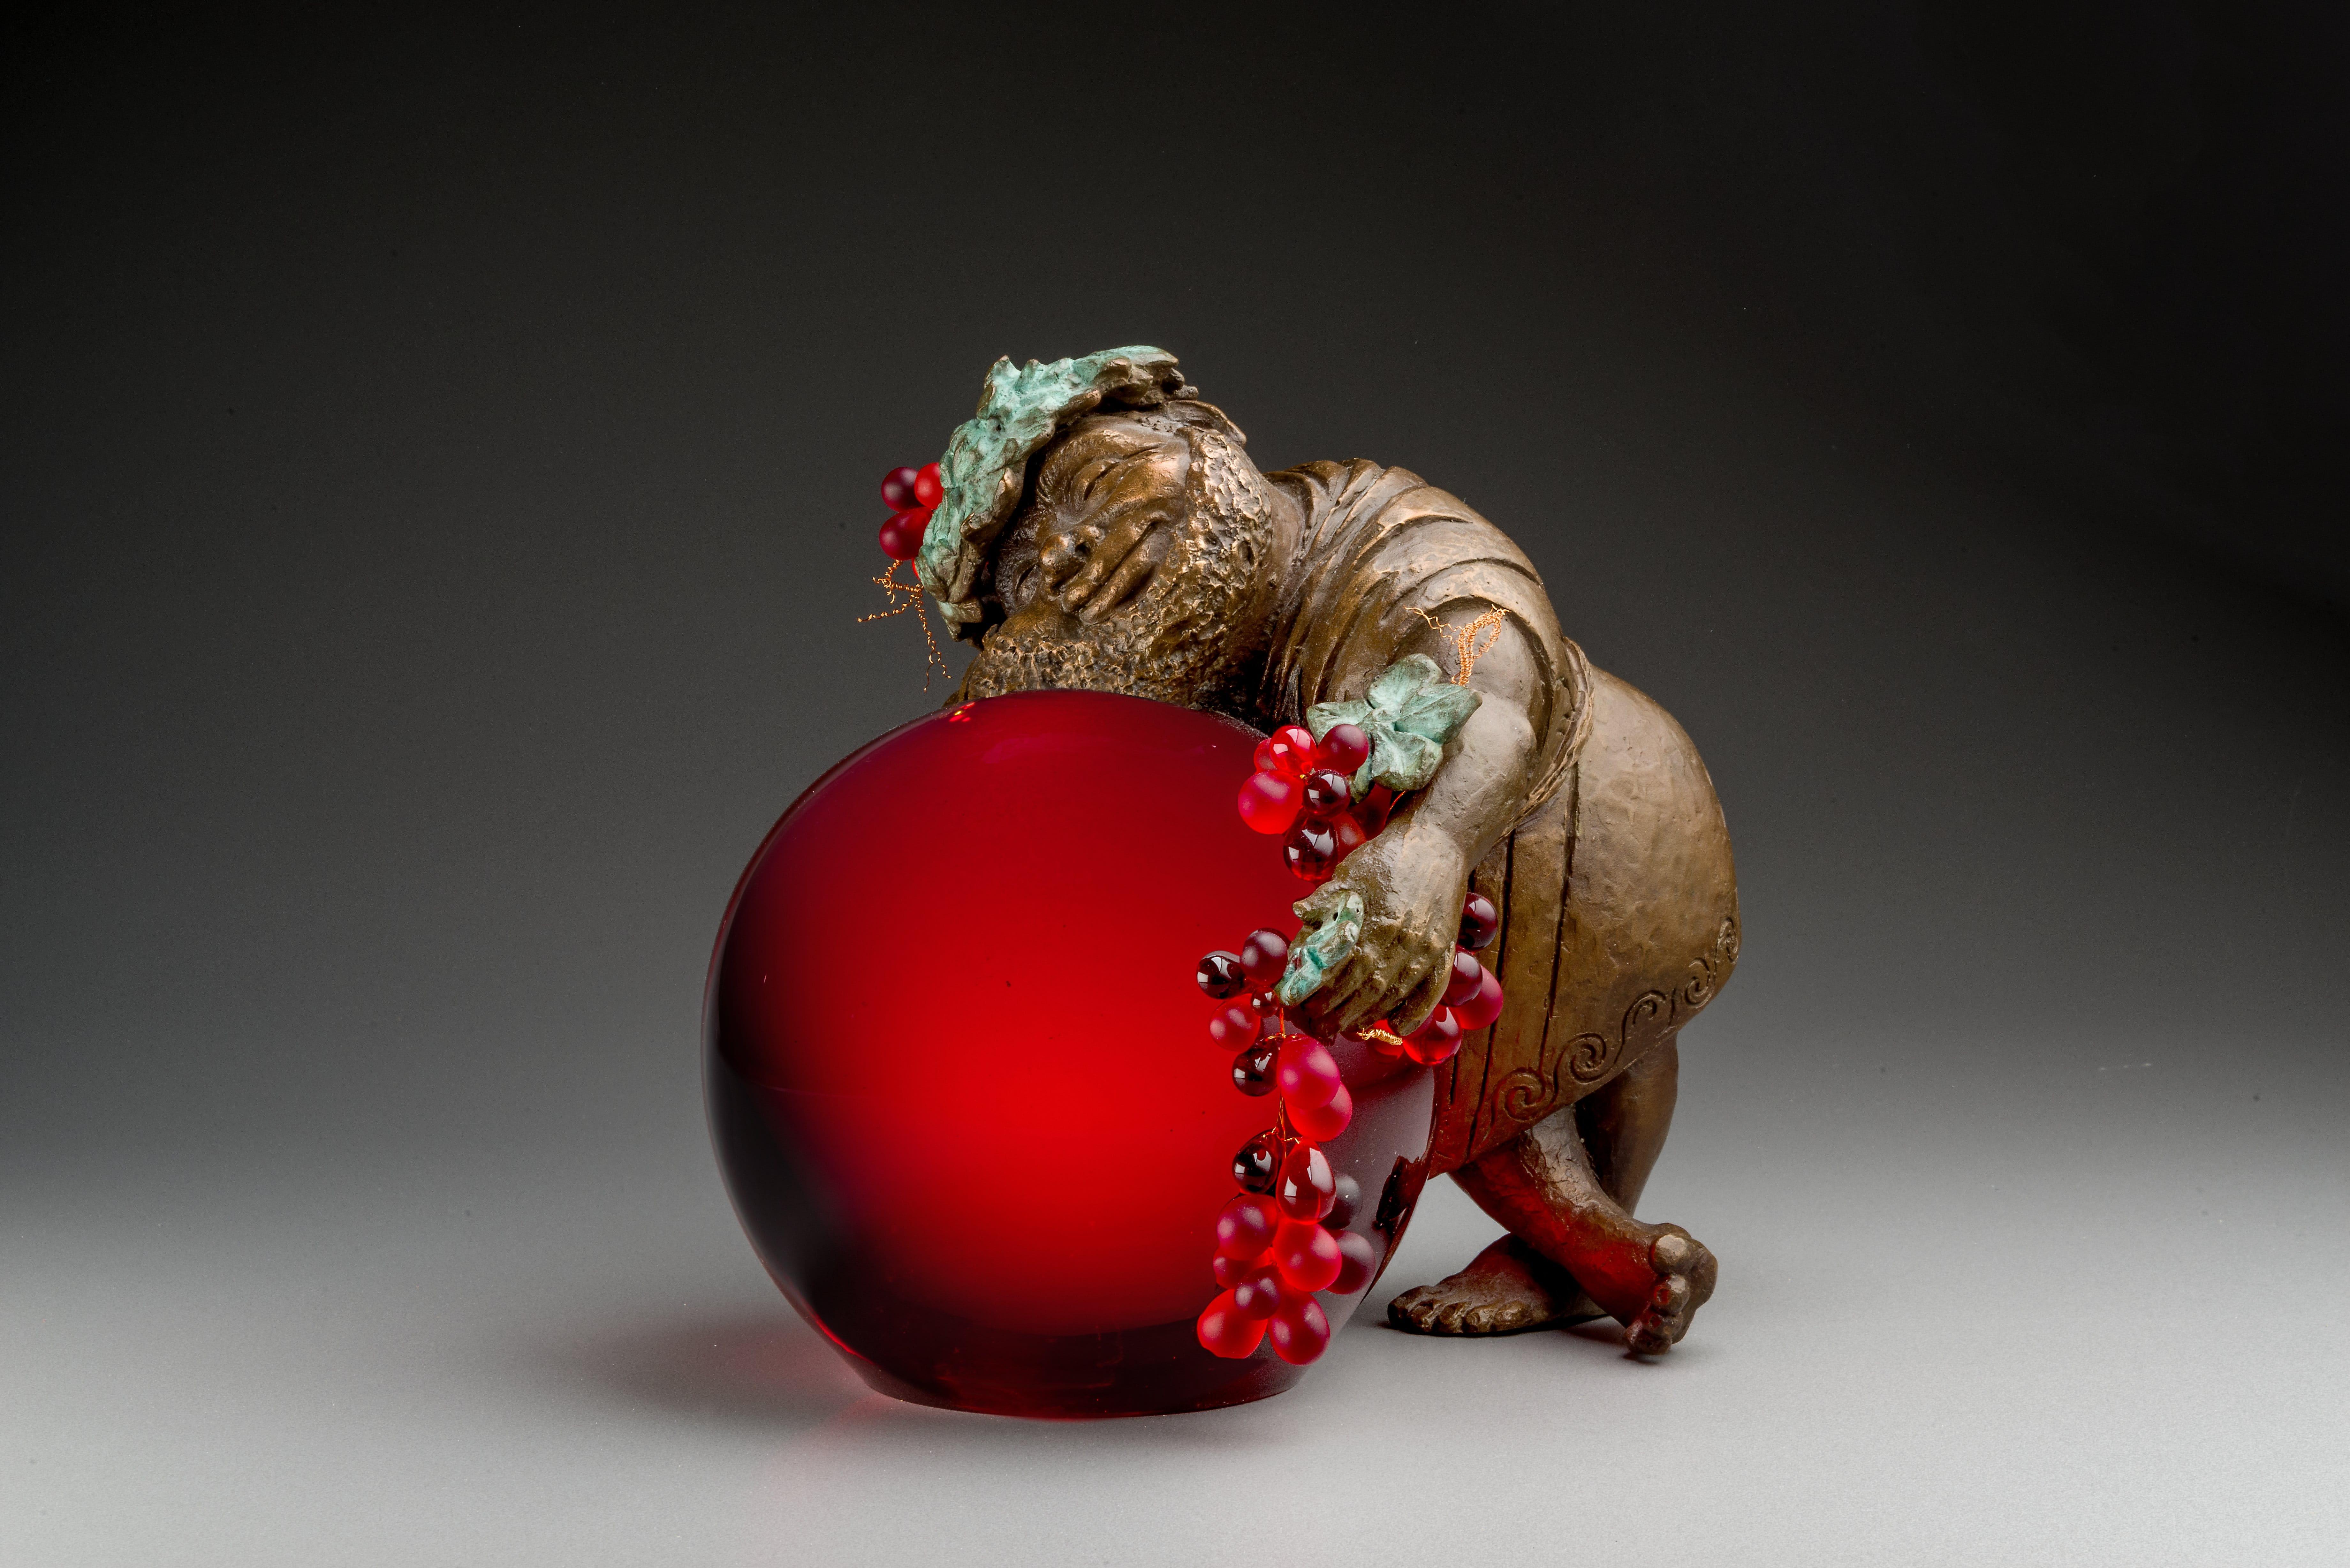 pozvanka-na-vystavu-ruske-umelkyne-valerie-koshkiny-barvy-emoci